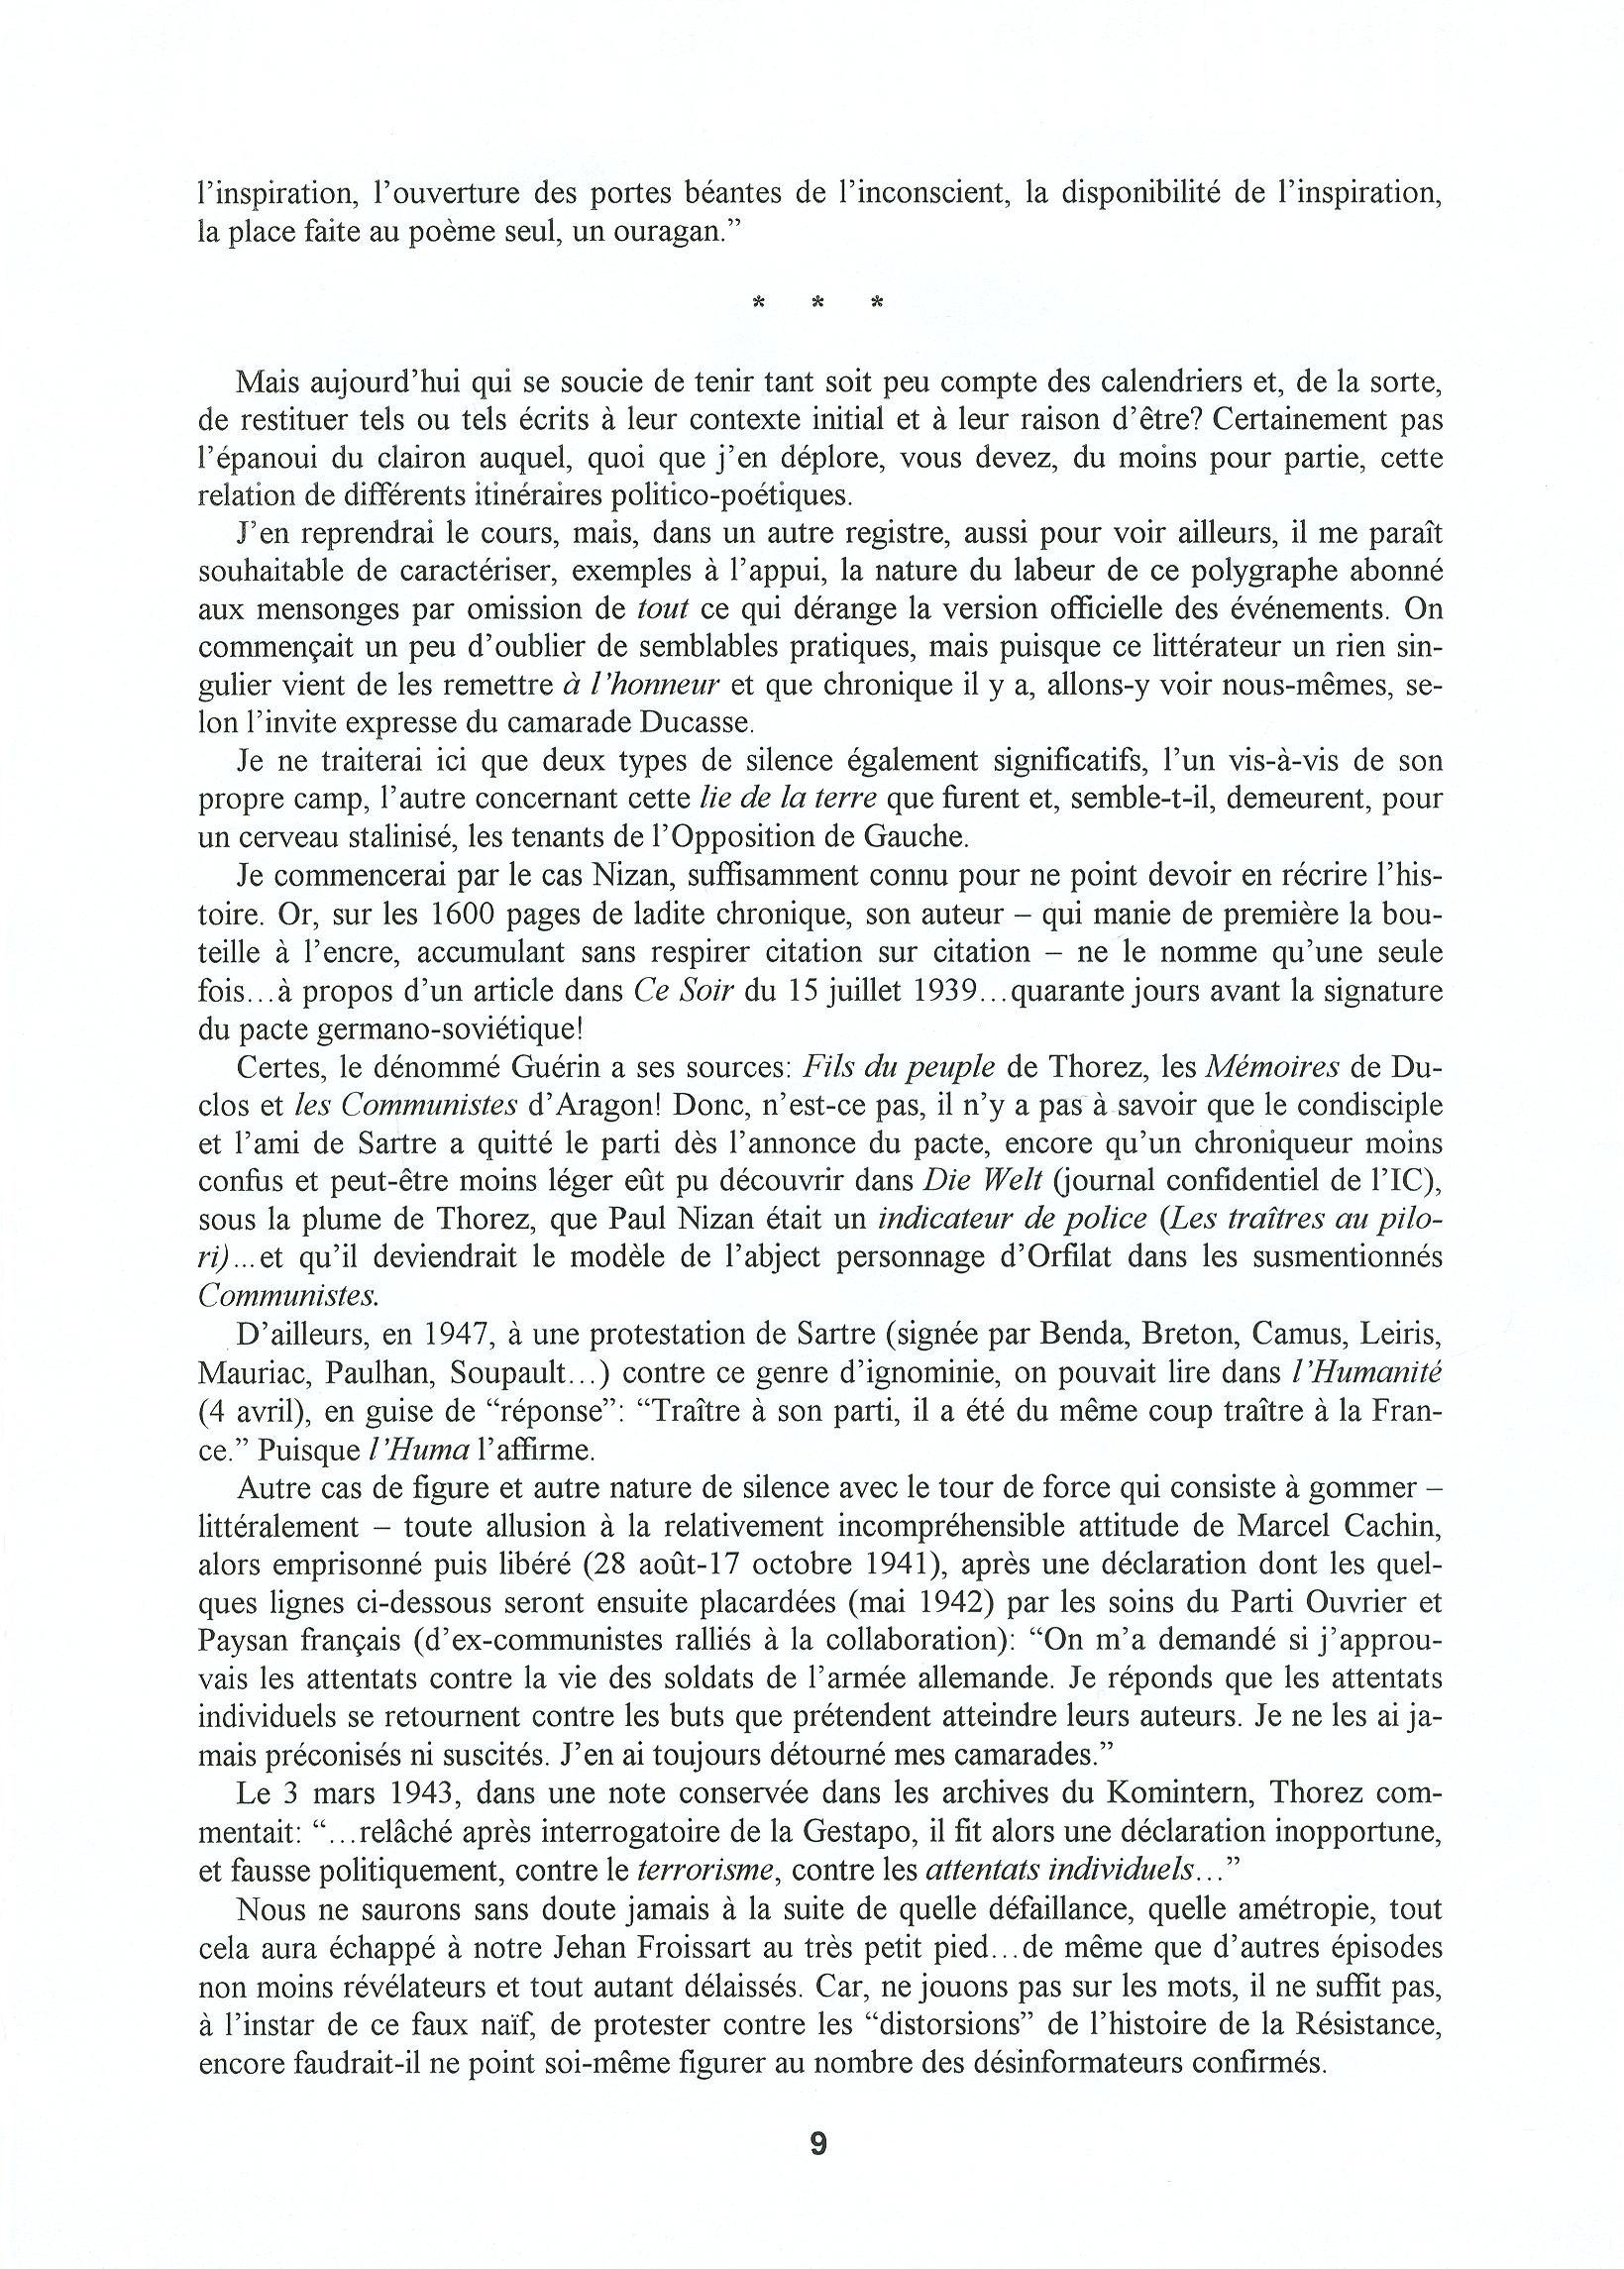 Quaderno n. 32 - pag. 10